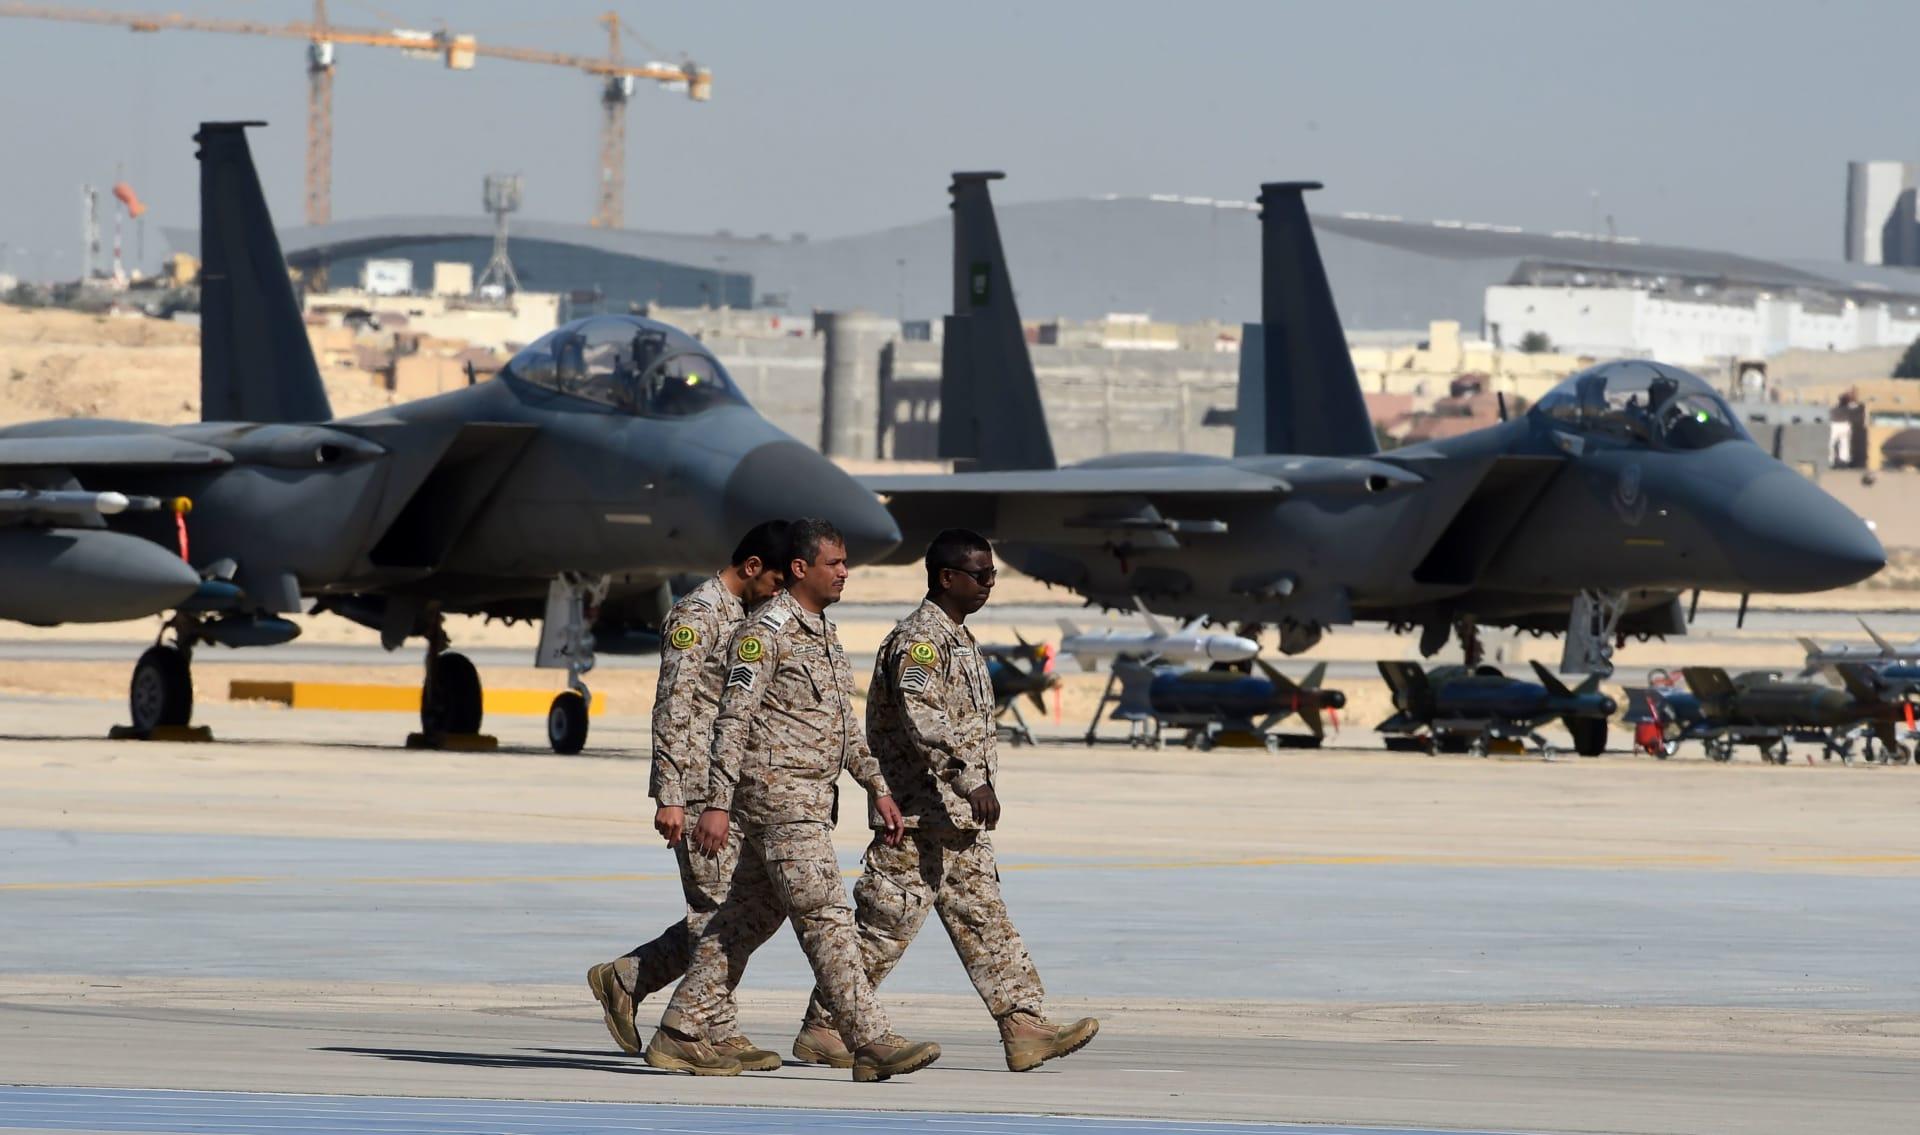 تحالف دعم الشرعية باليمن: السعودية تحتفظ بحق الرد المناسب على إيران